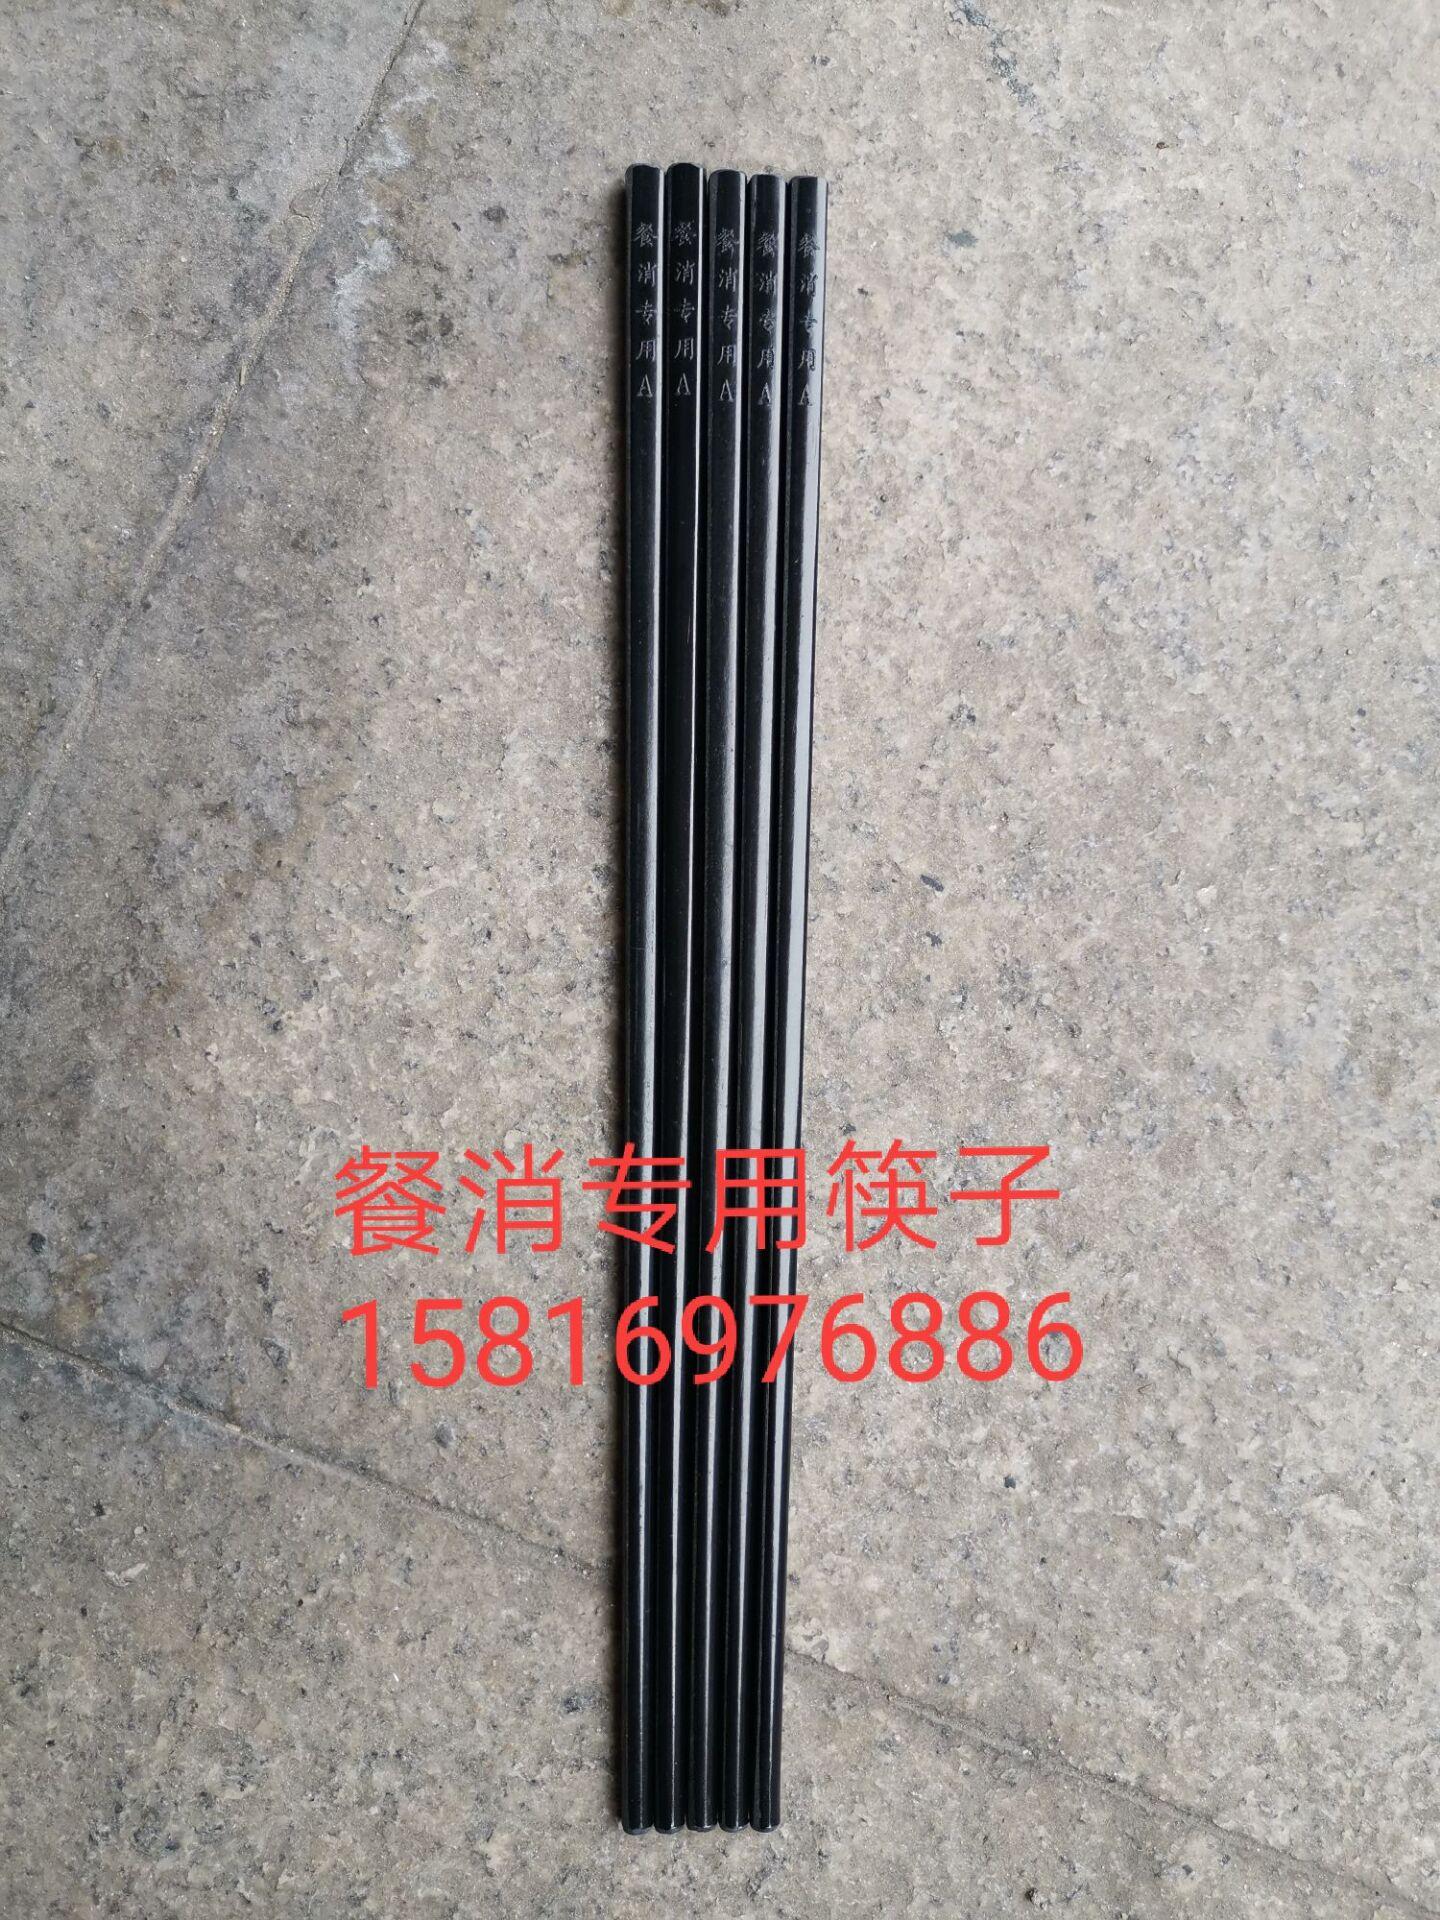 餐消专用筷,消毒筷子,高温消毒筷